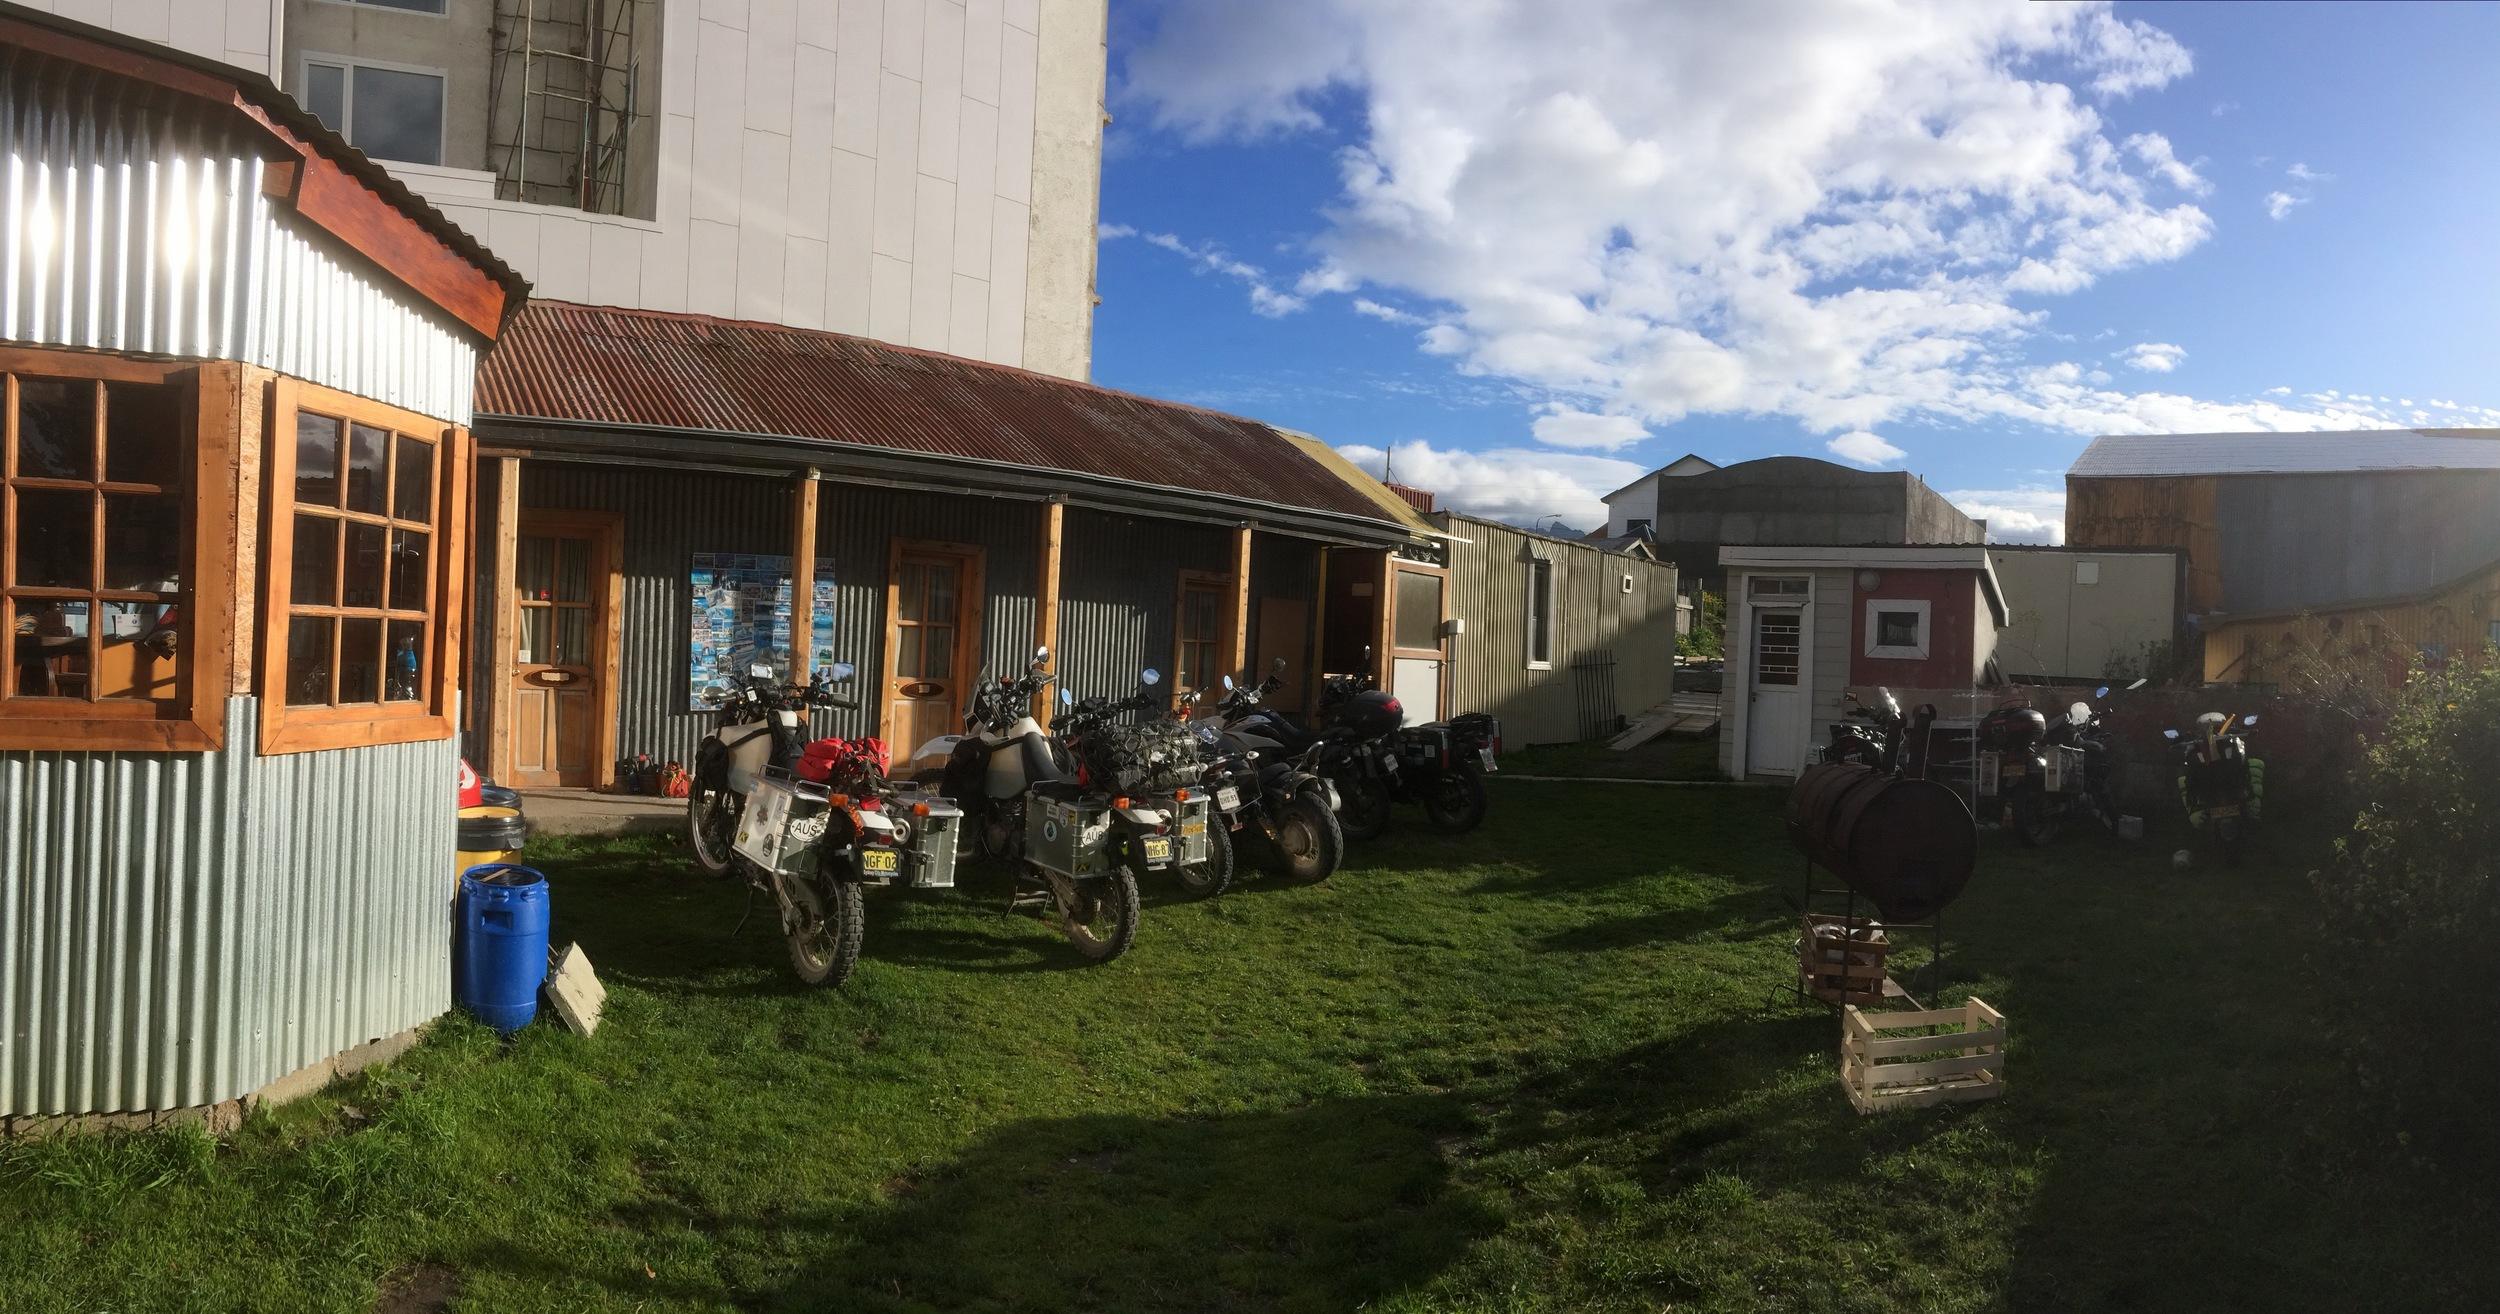 The back garden of Momo's